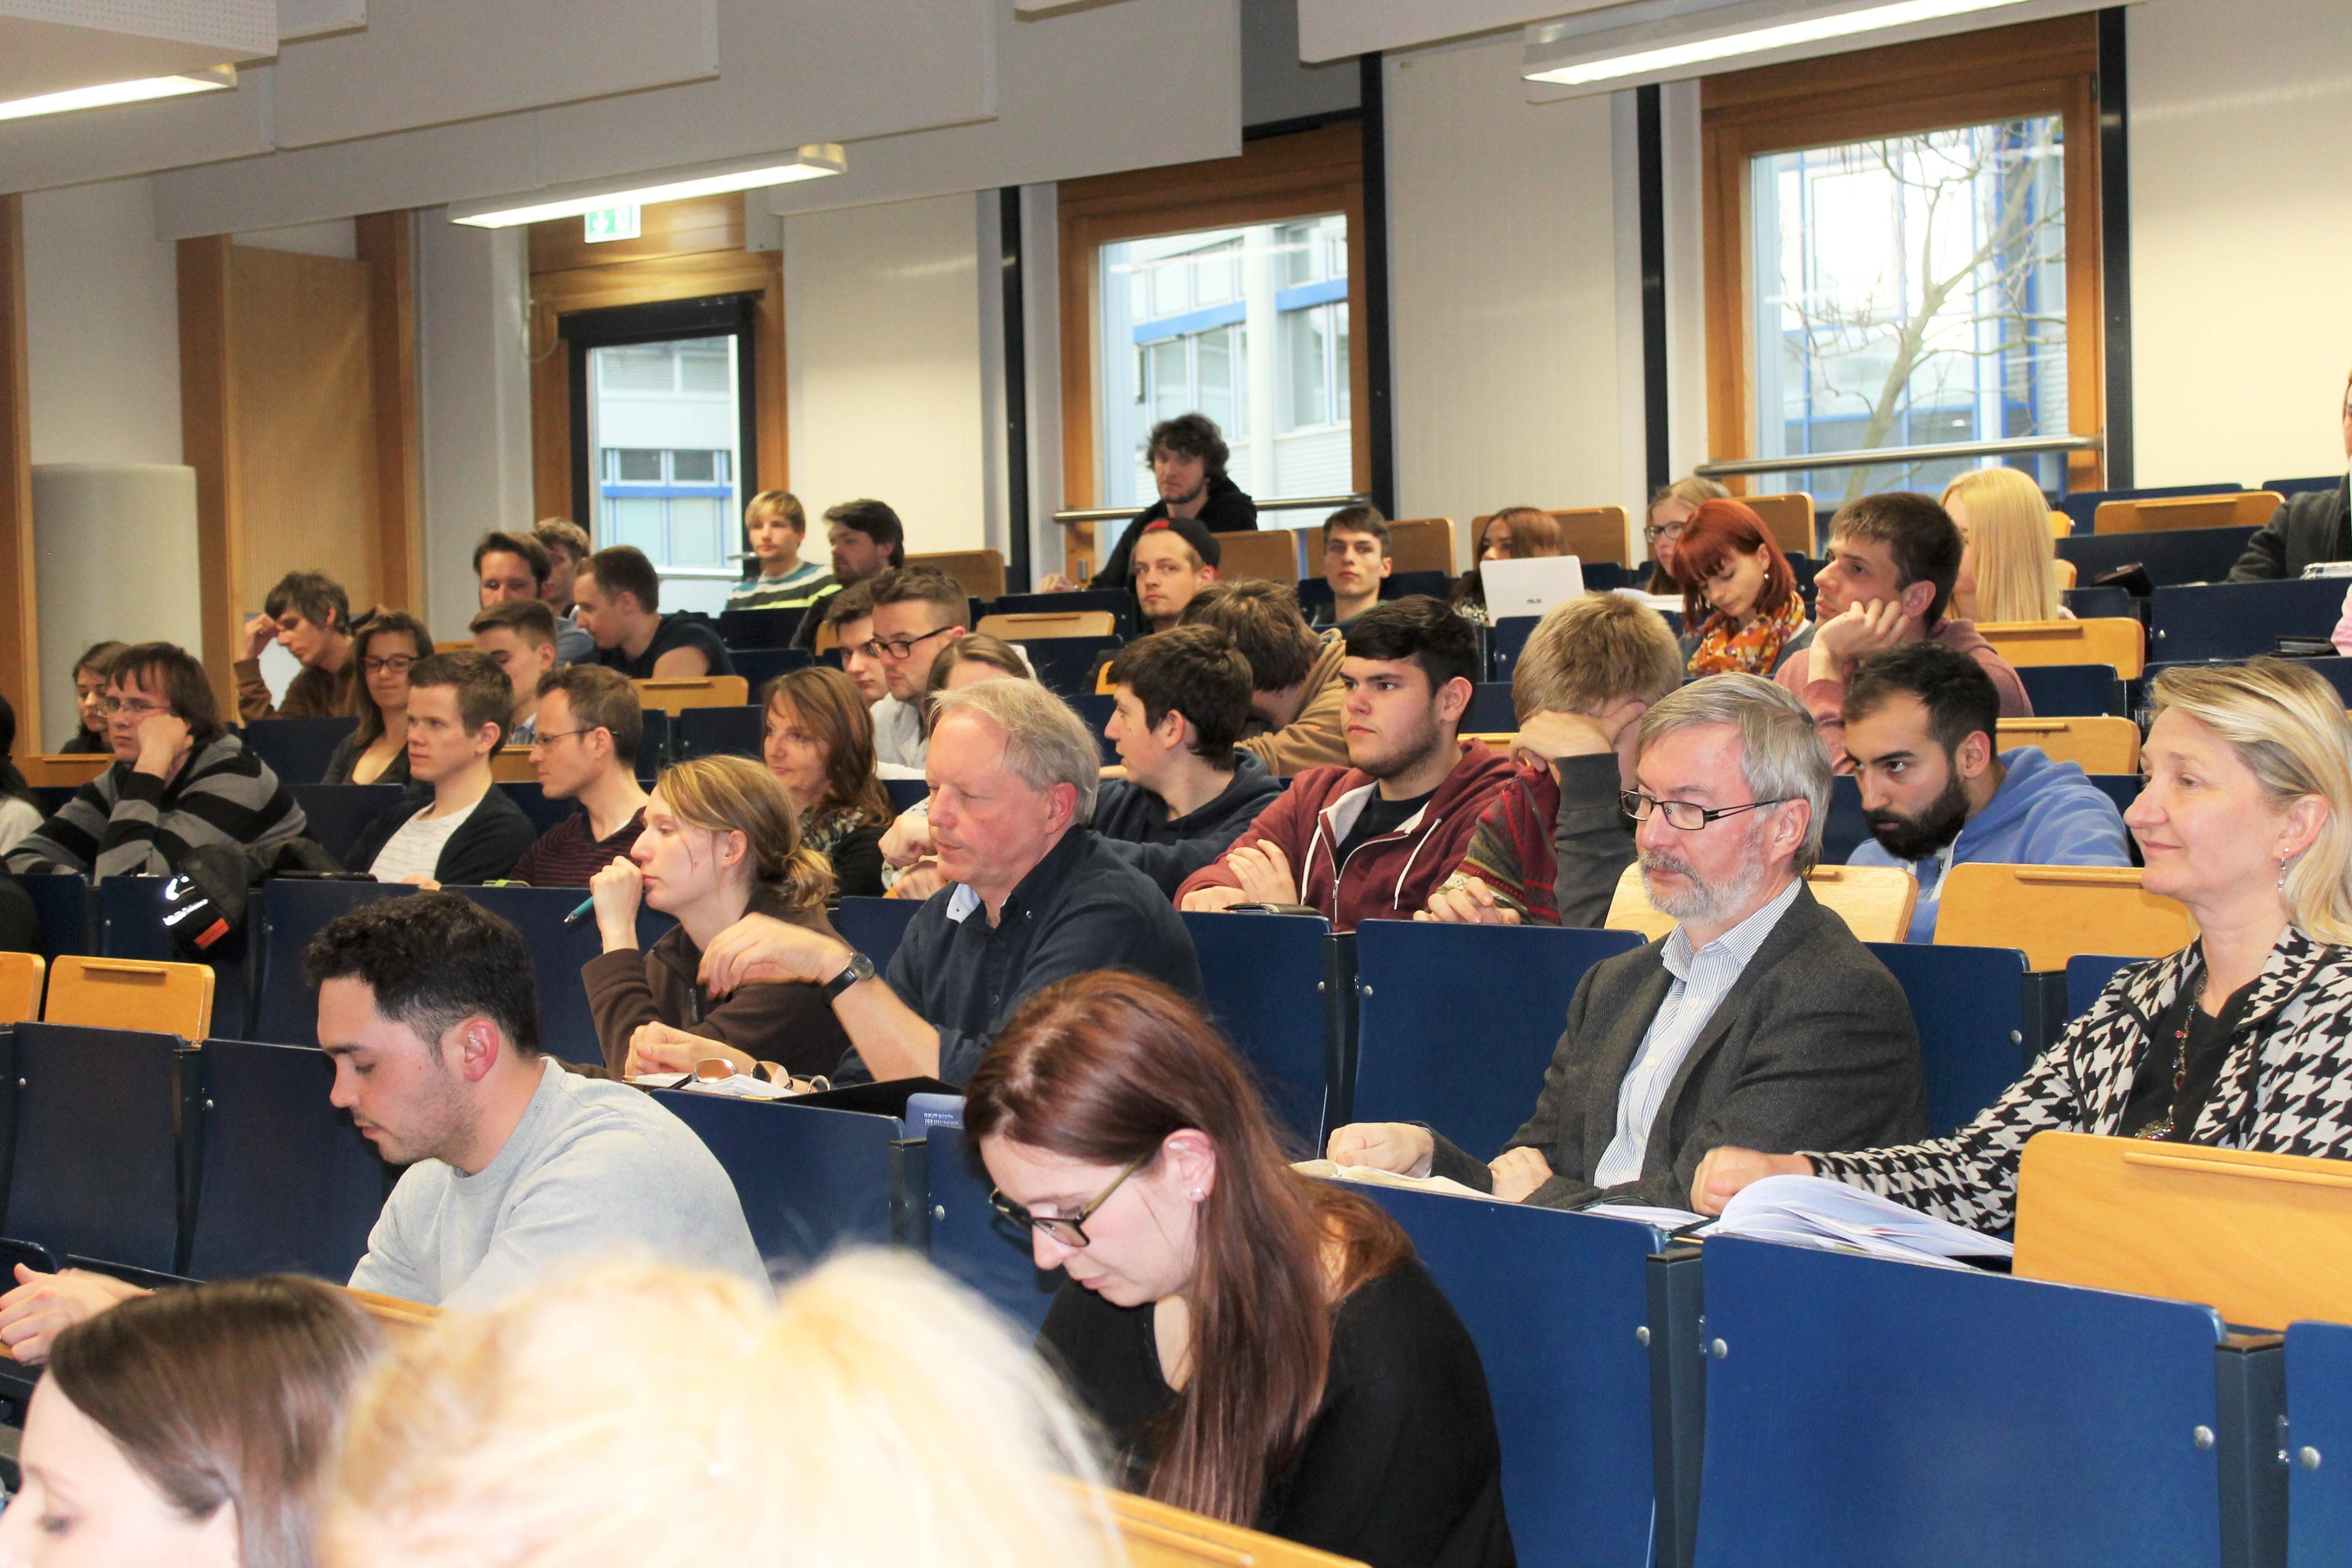 Das gut besuchte Auditorium folgt dem Vortrag über die neuen Technologien zur Krisenbewältigung